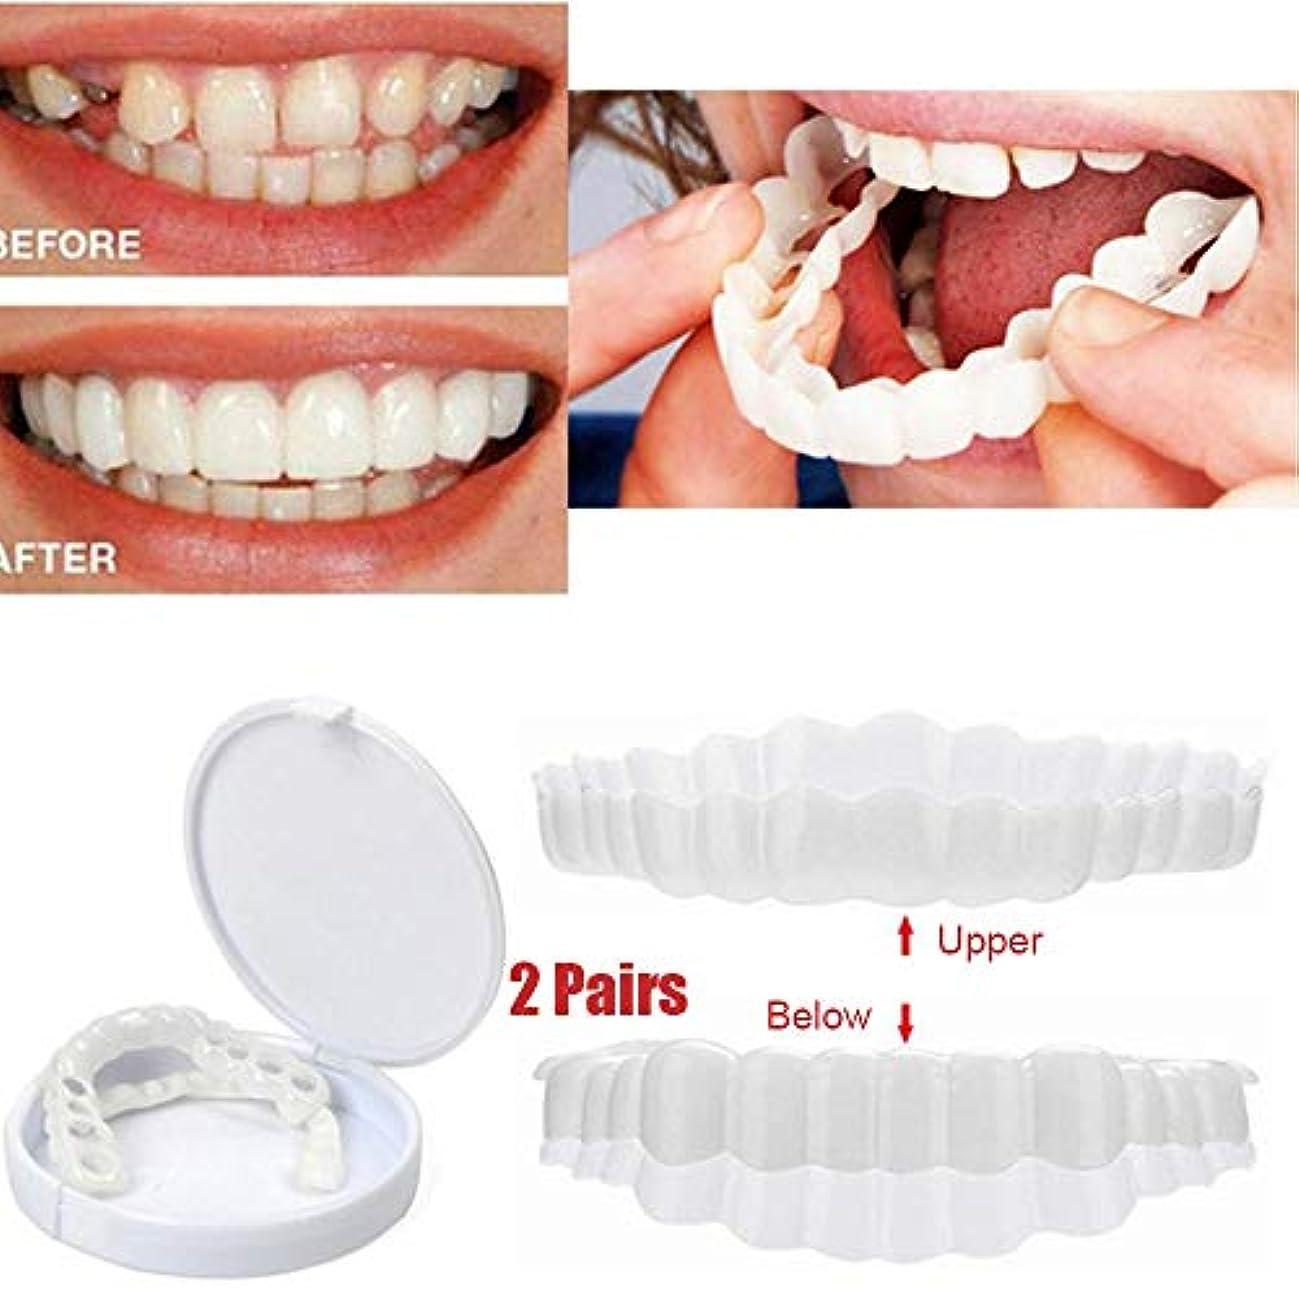 底進捗五十白くなるベニヤ歯美容メイクアップ歯快適で柔軟な歯のケアケア自信を持って笑顔黄色い歯悪い歯ホワイトニングオーラルケア(2ペア)